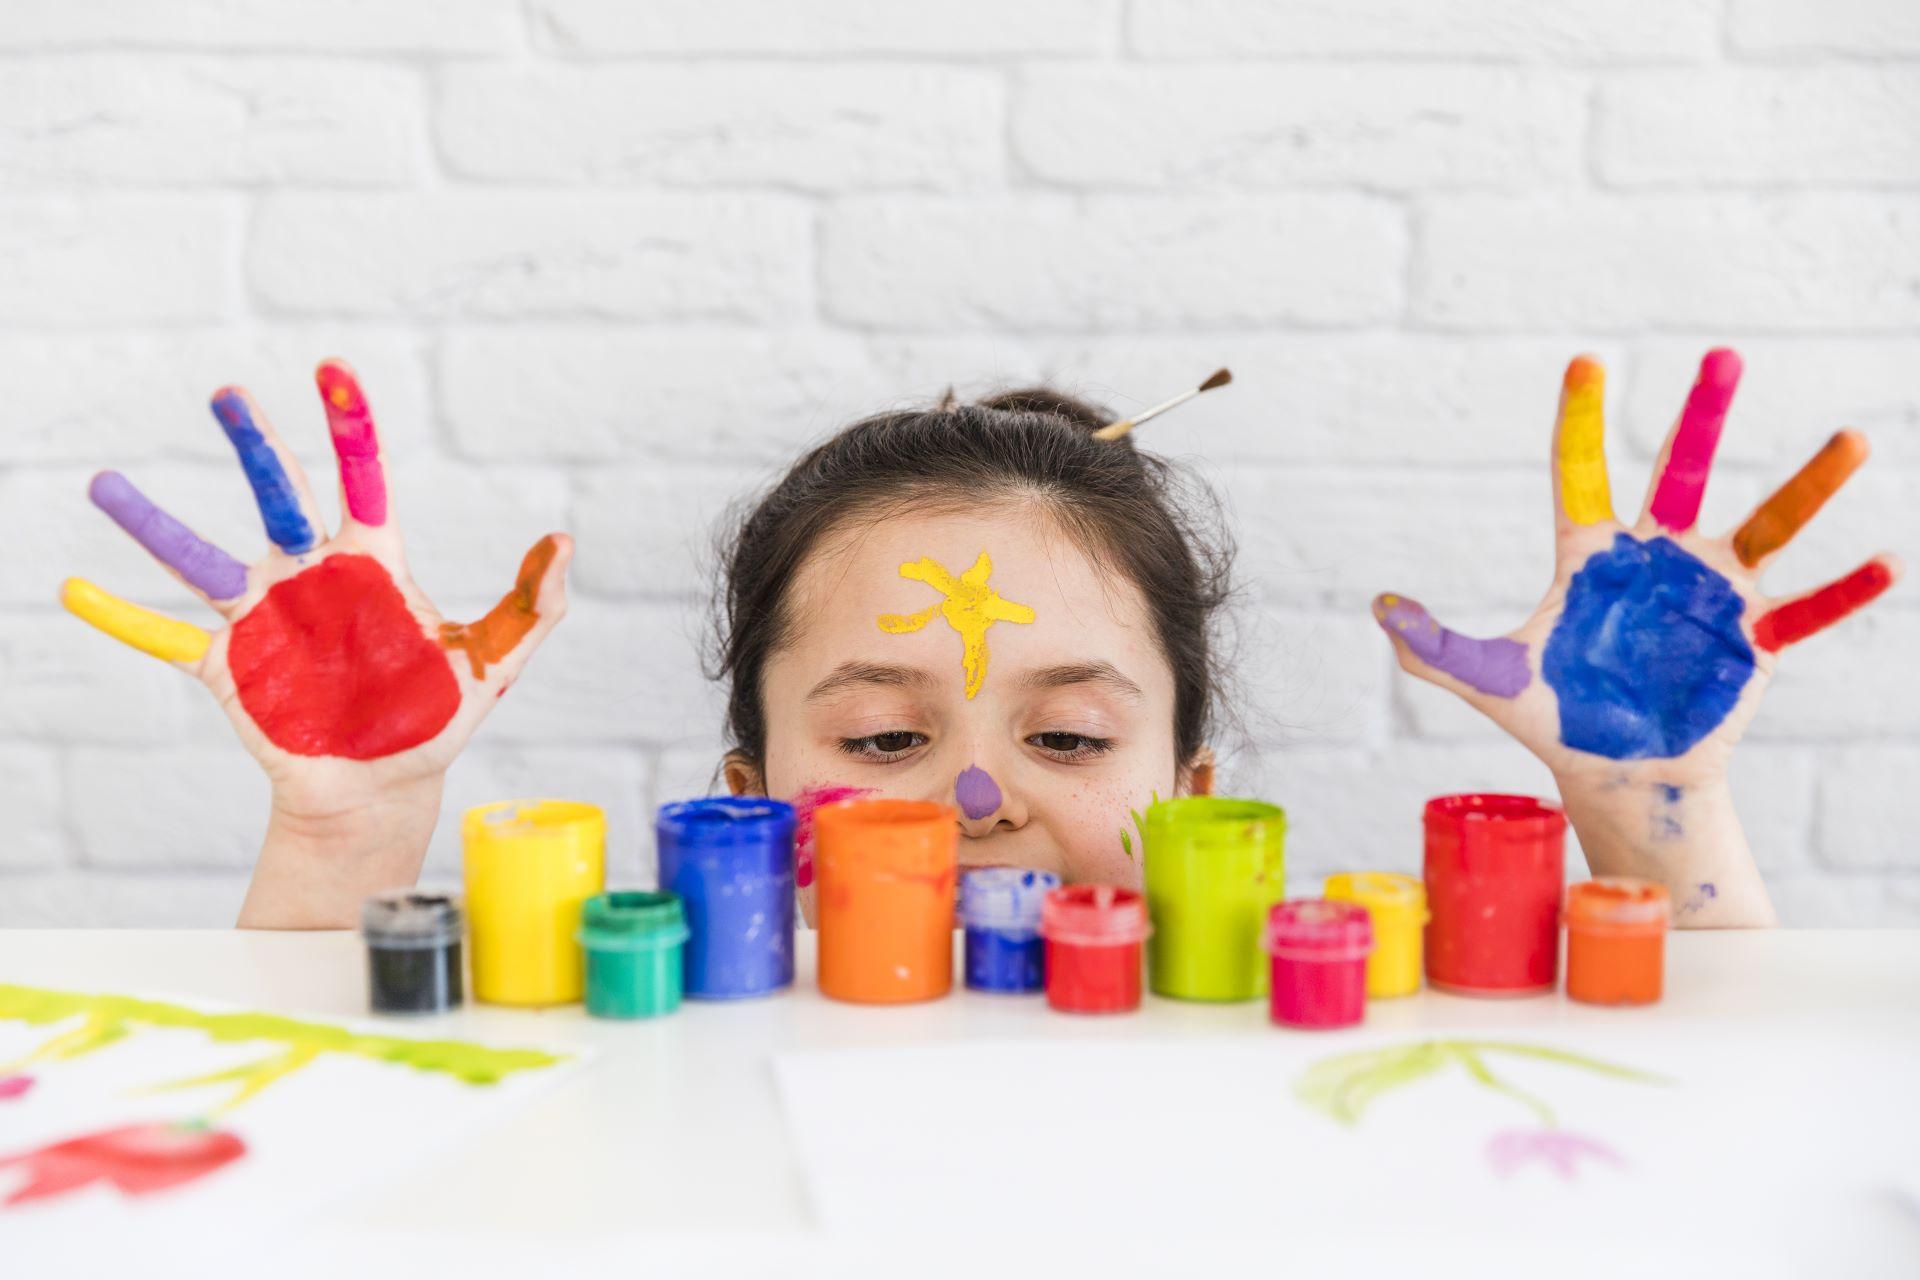 נגמרו הרעיונות מה לעשות עם הילדים?